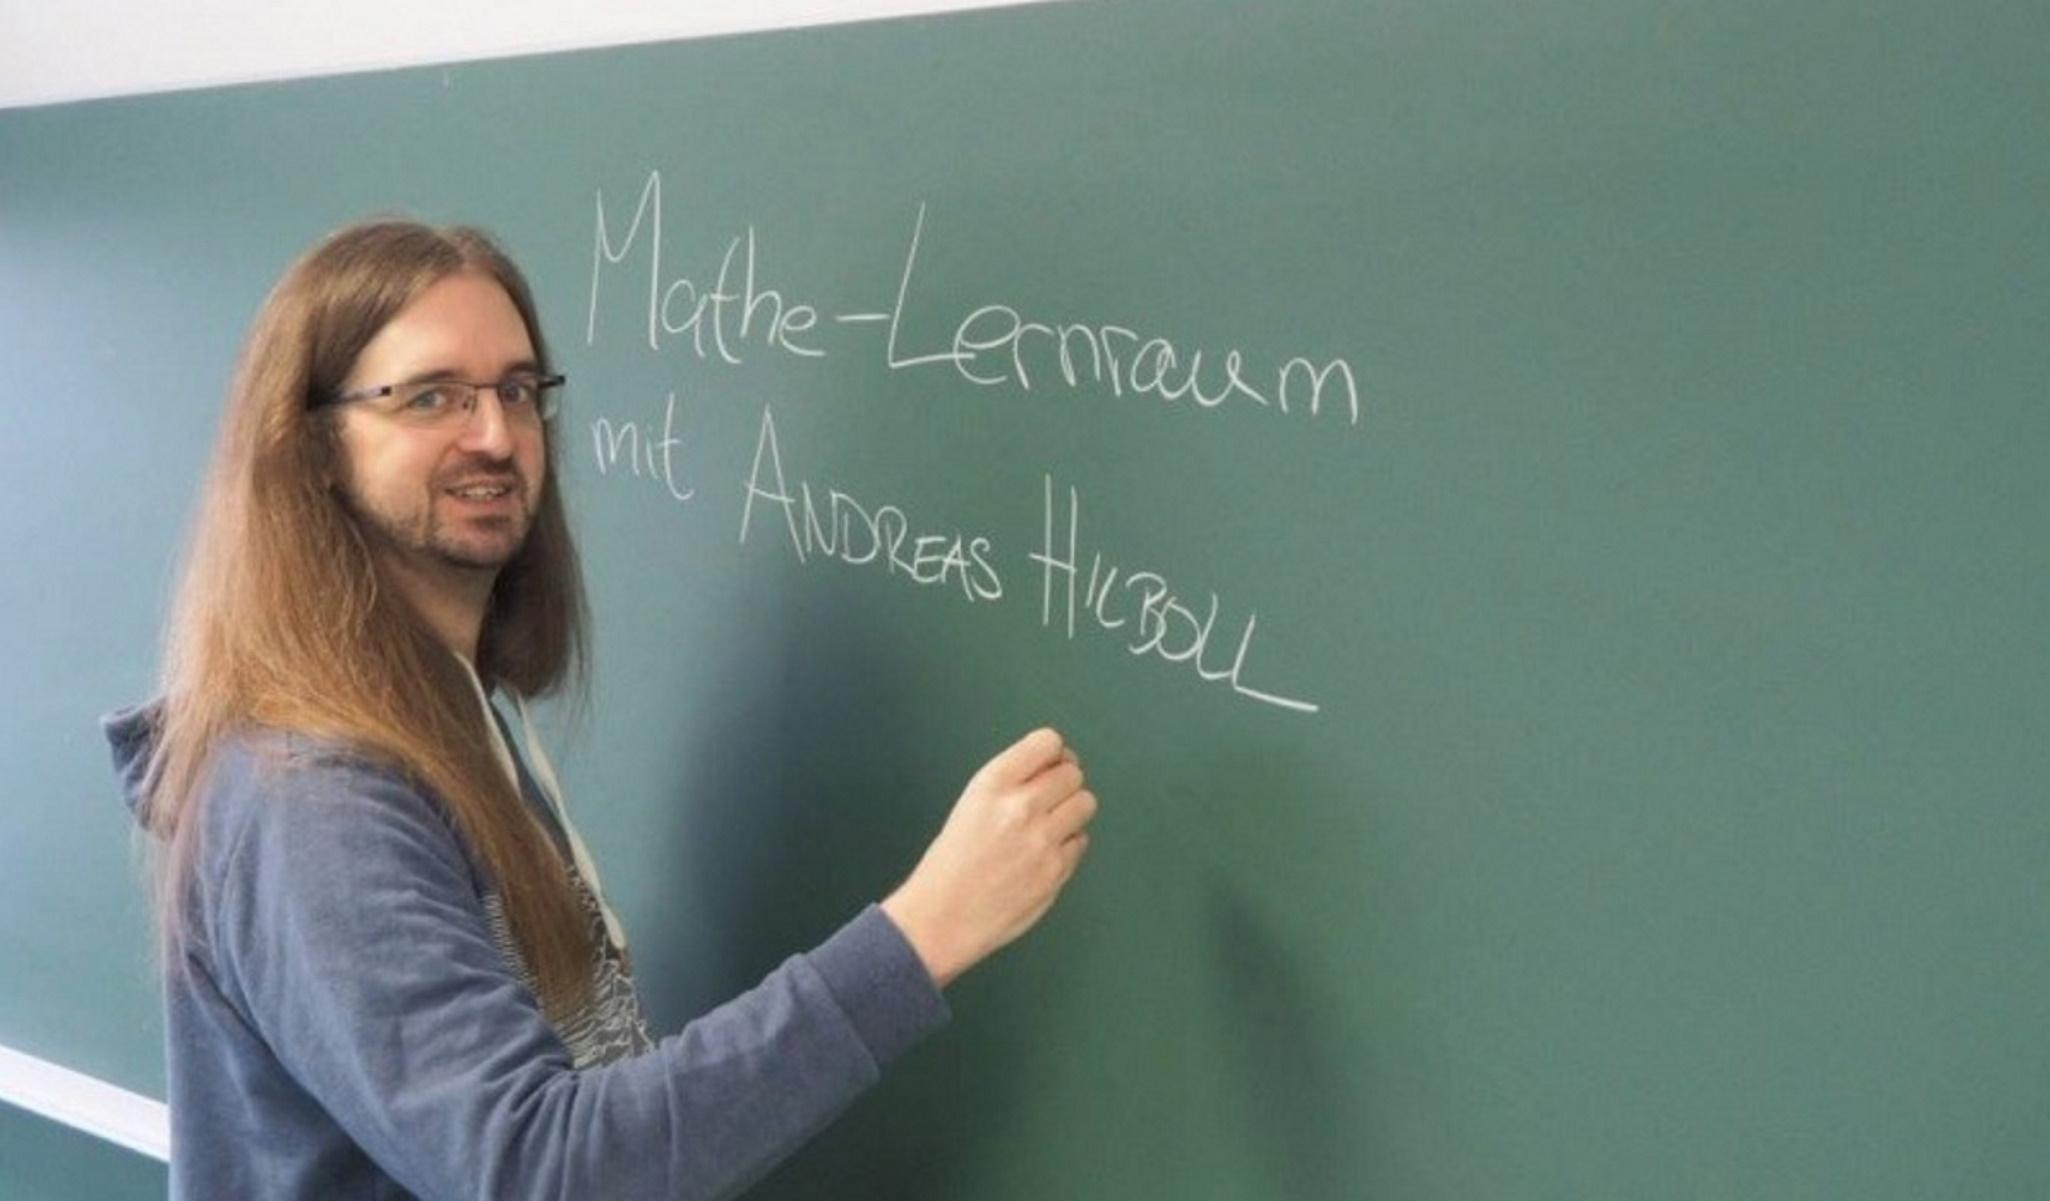 Κρήτη – Κορονοϊός: Ένας χρόνος από τον πρώτο νεκρό, τον 42χρονο  Γερμανό καθηγητή